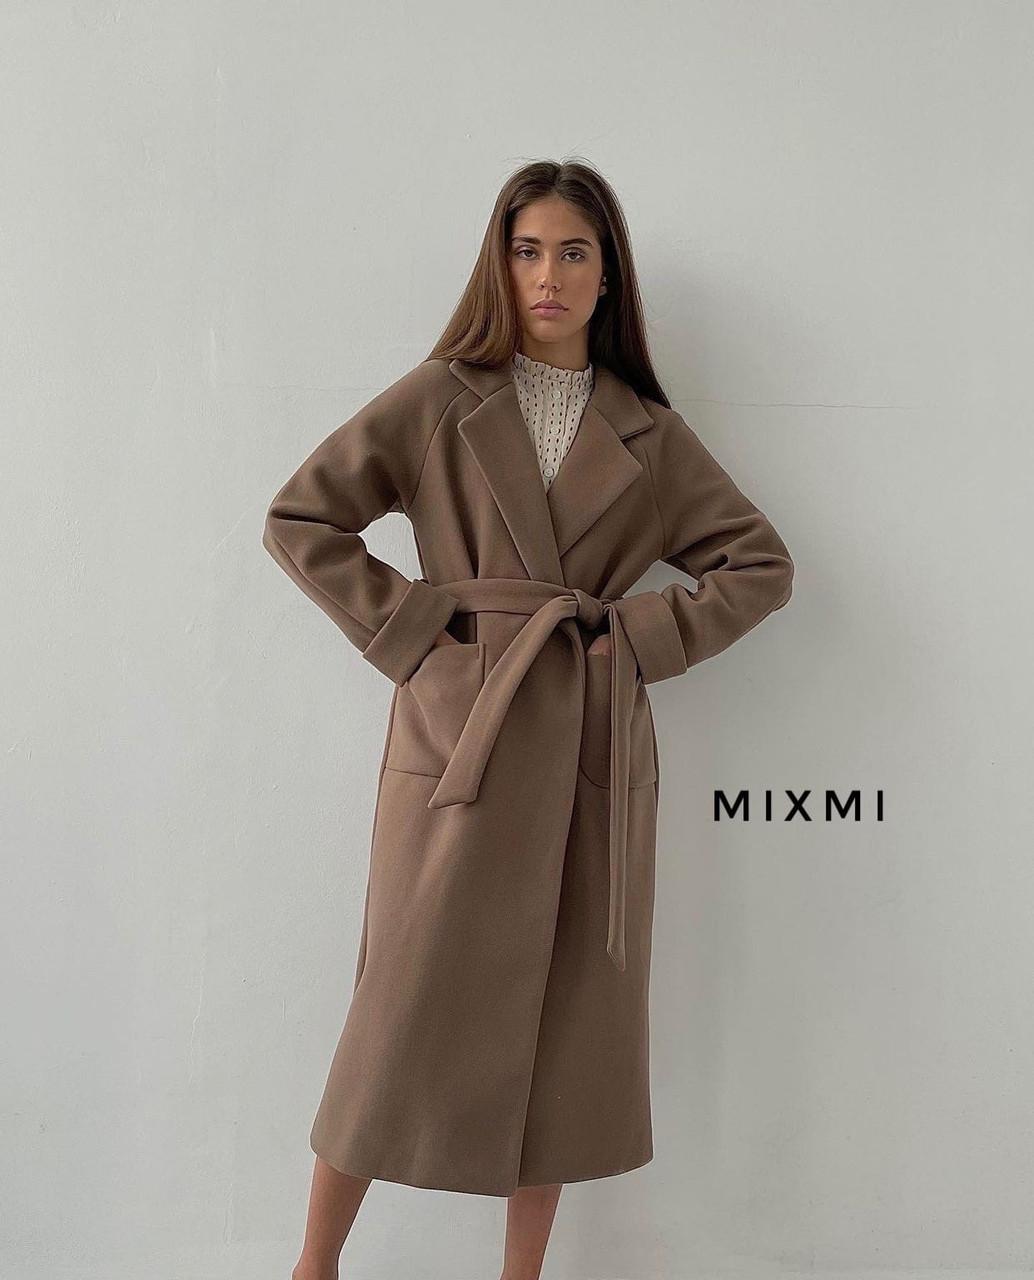 Пальто жіноче, кашемір на підкладці, р-р універсальний 42-46 (мокко)